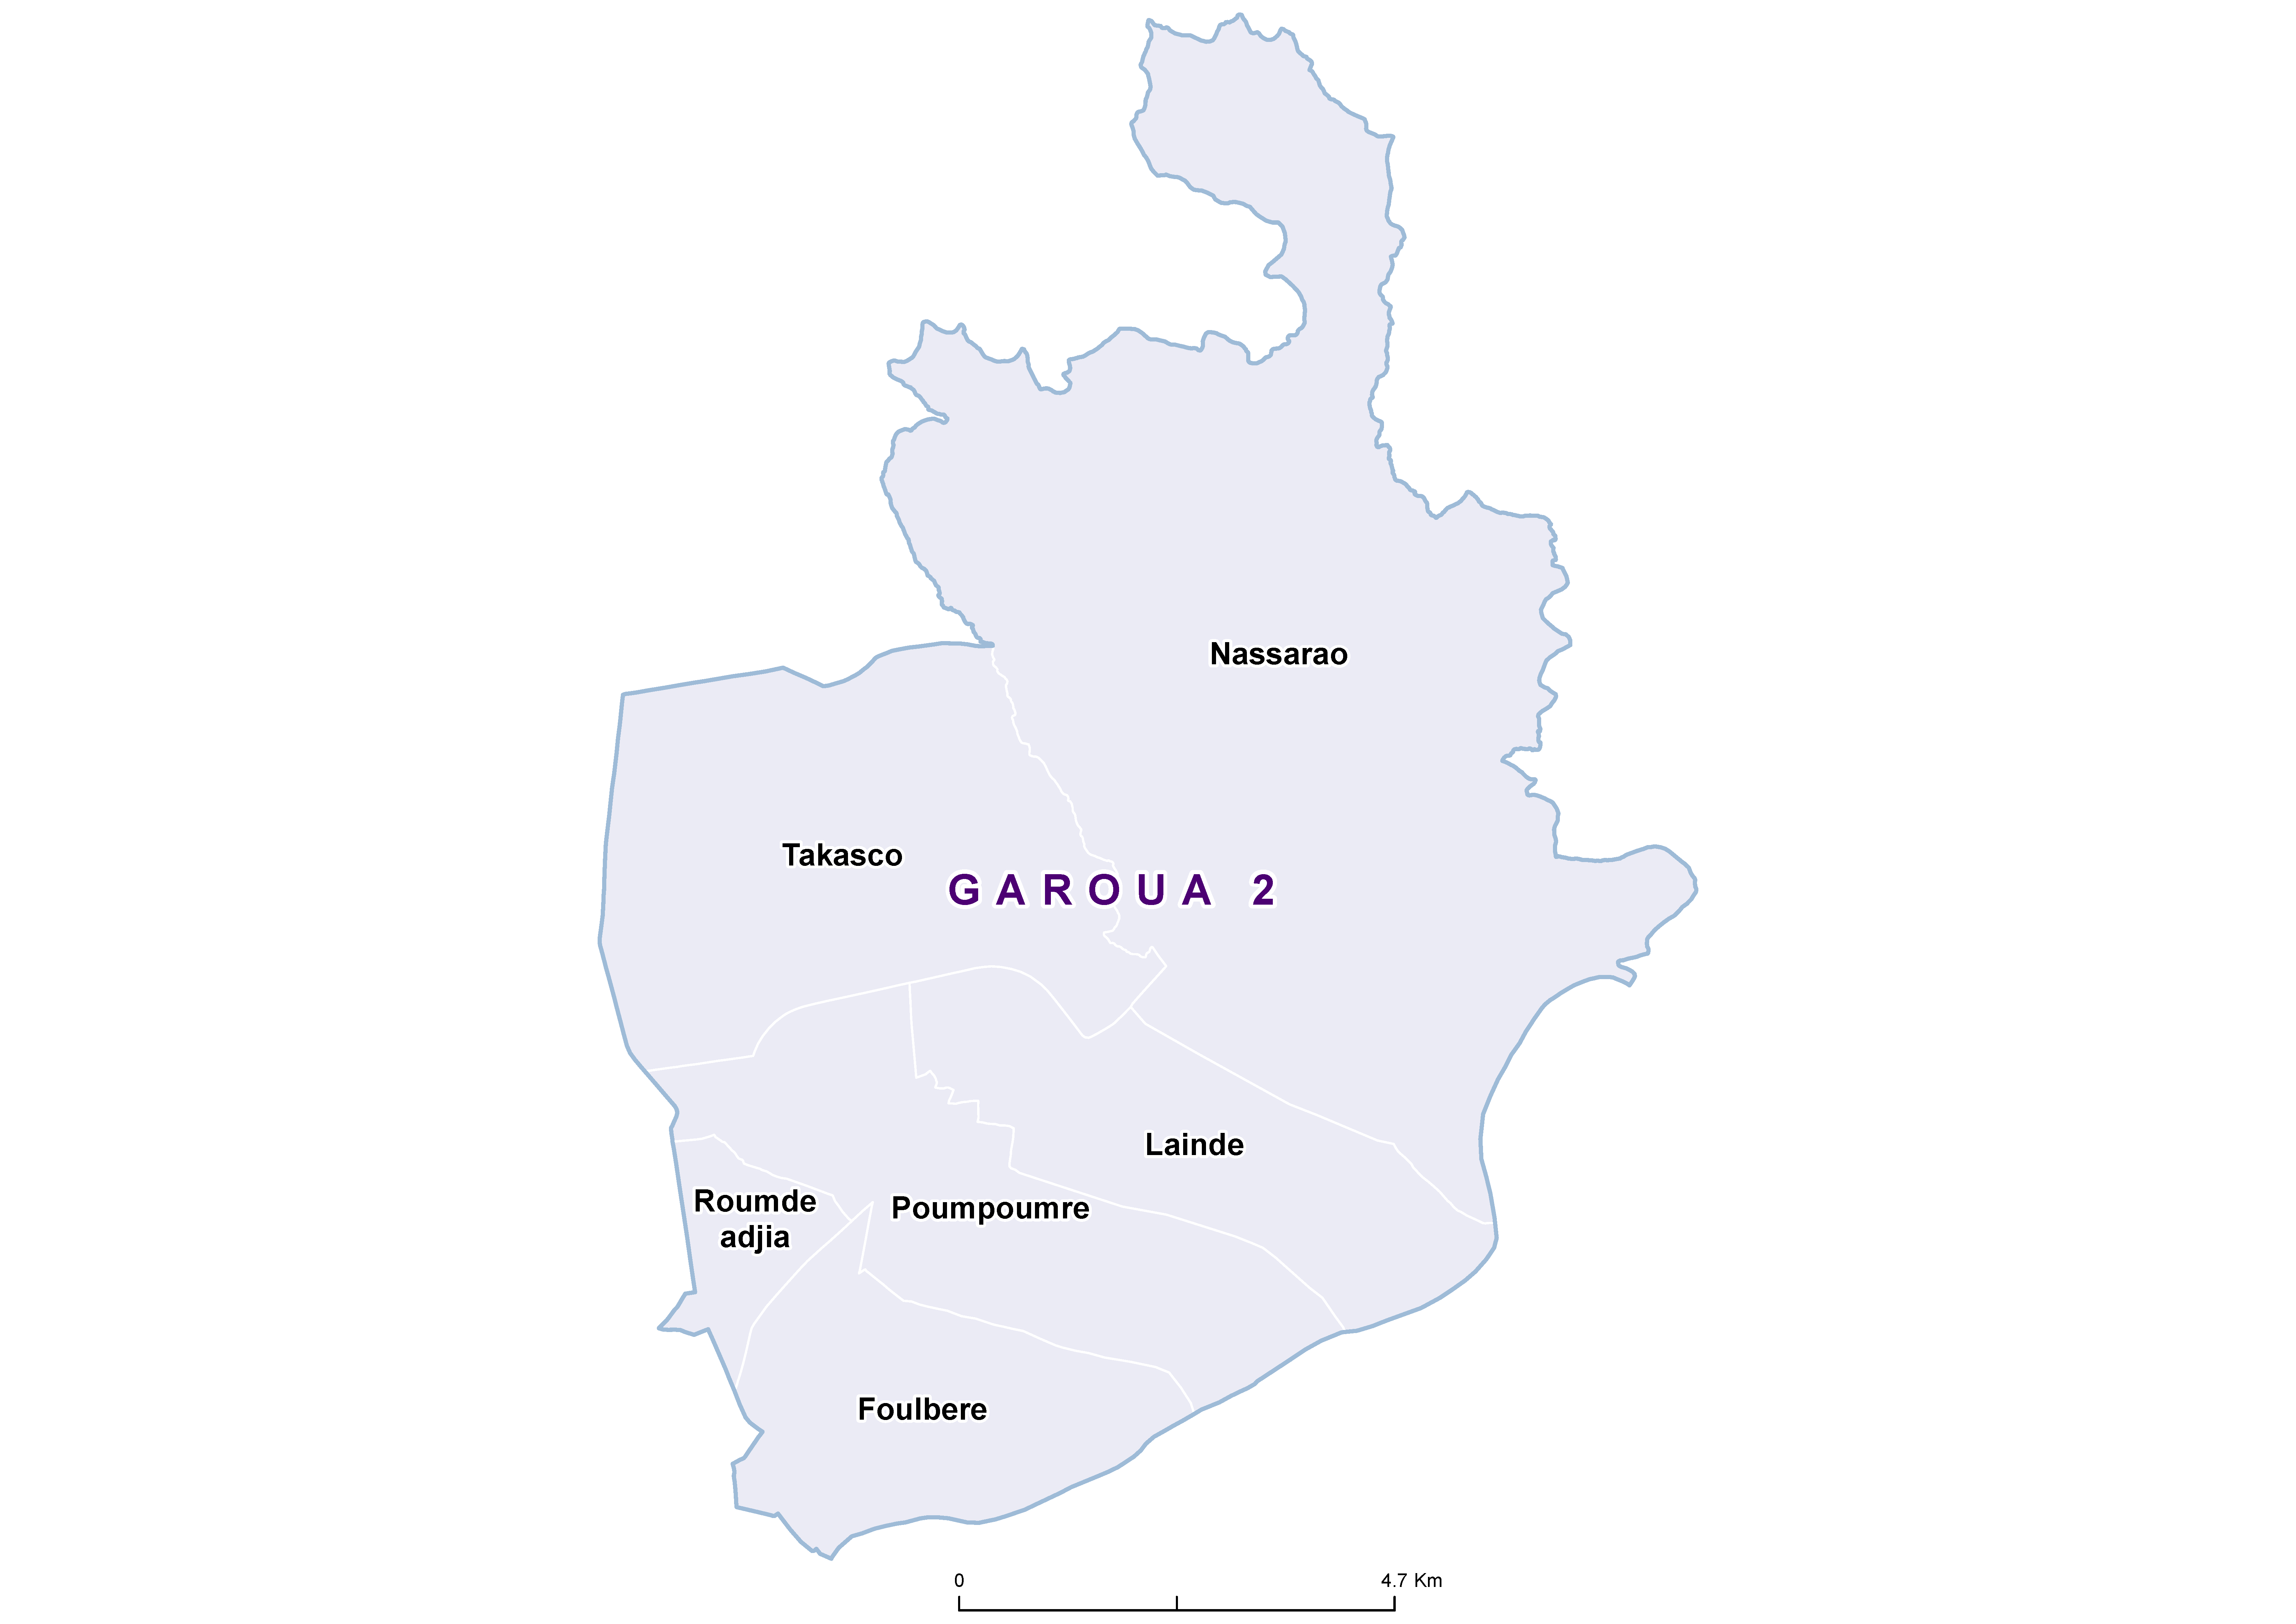 Garoua 2 SCH 20180001